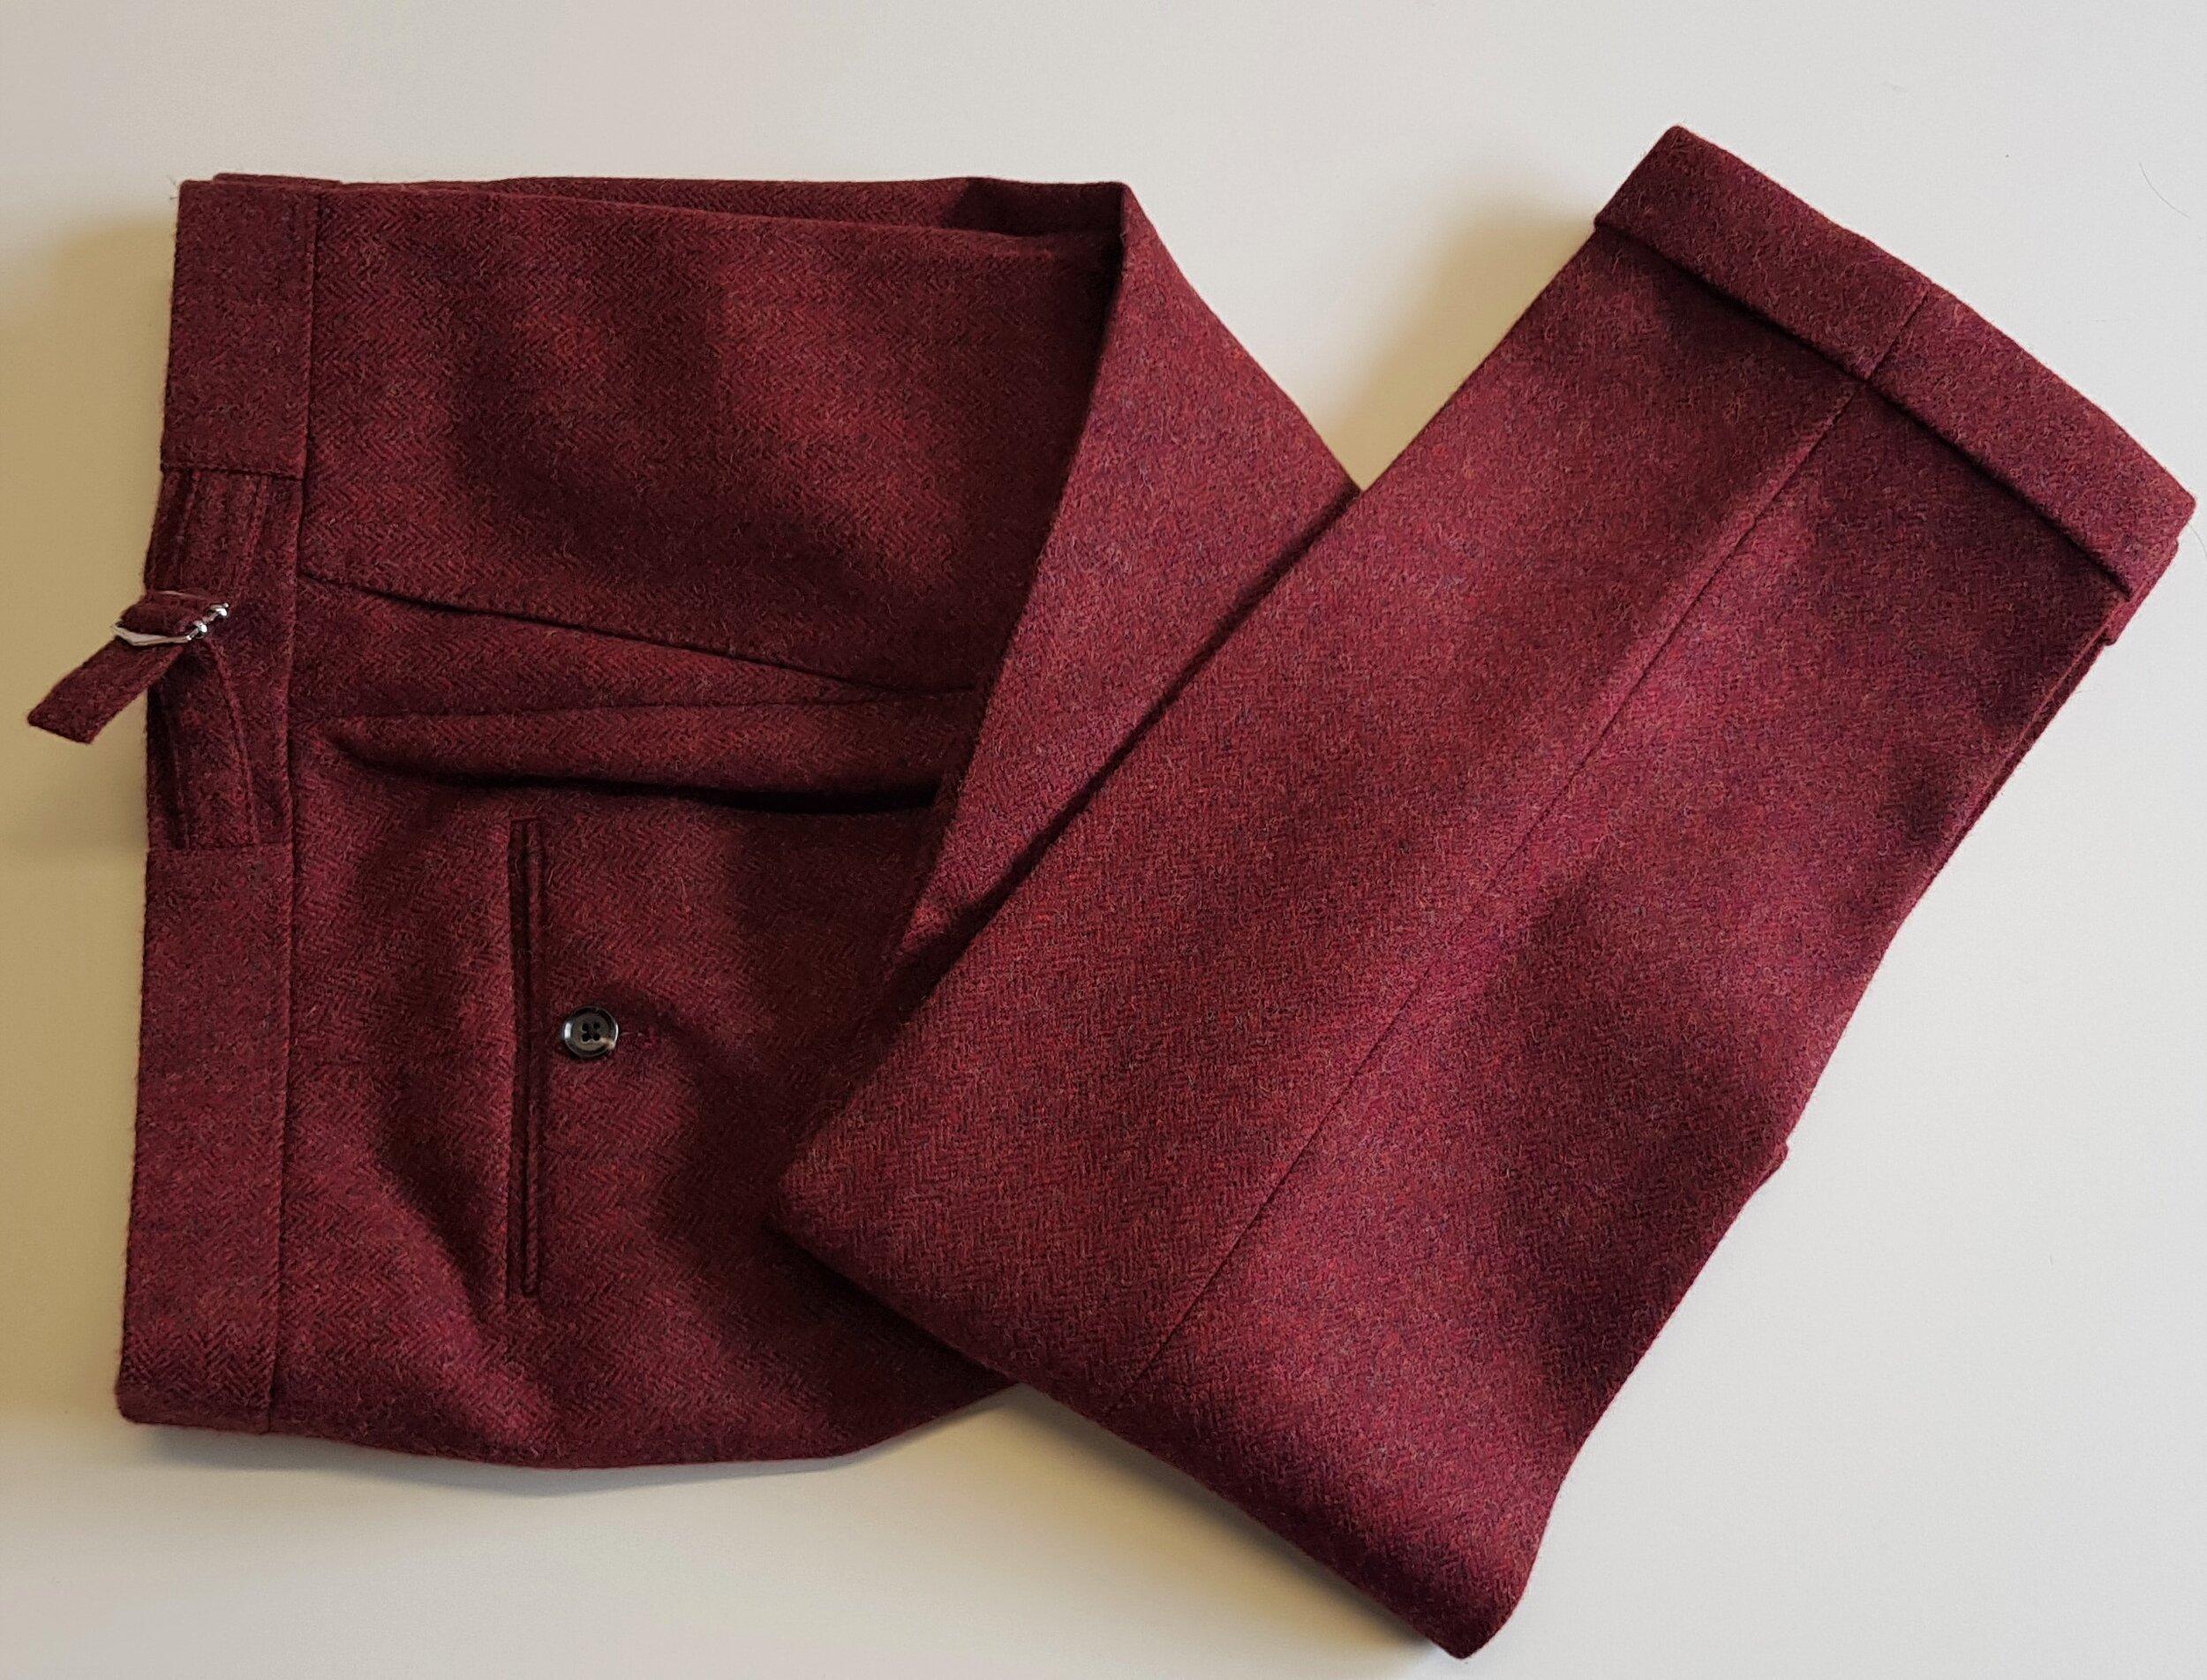 Raspberry Herringbone 3 Piece Tweed Suit (14).jpg